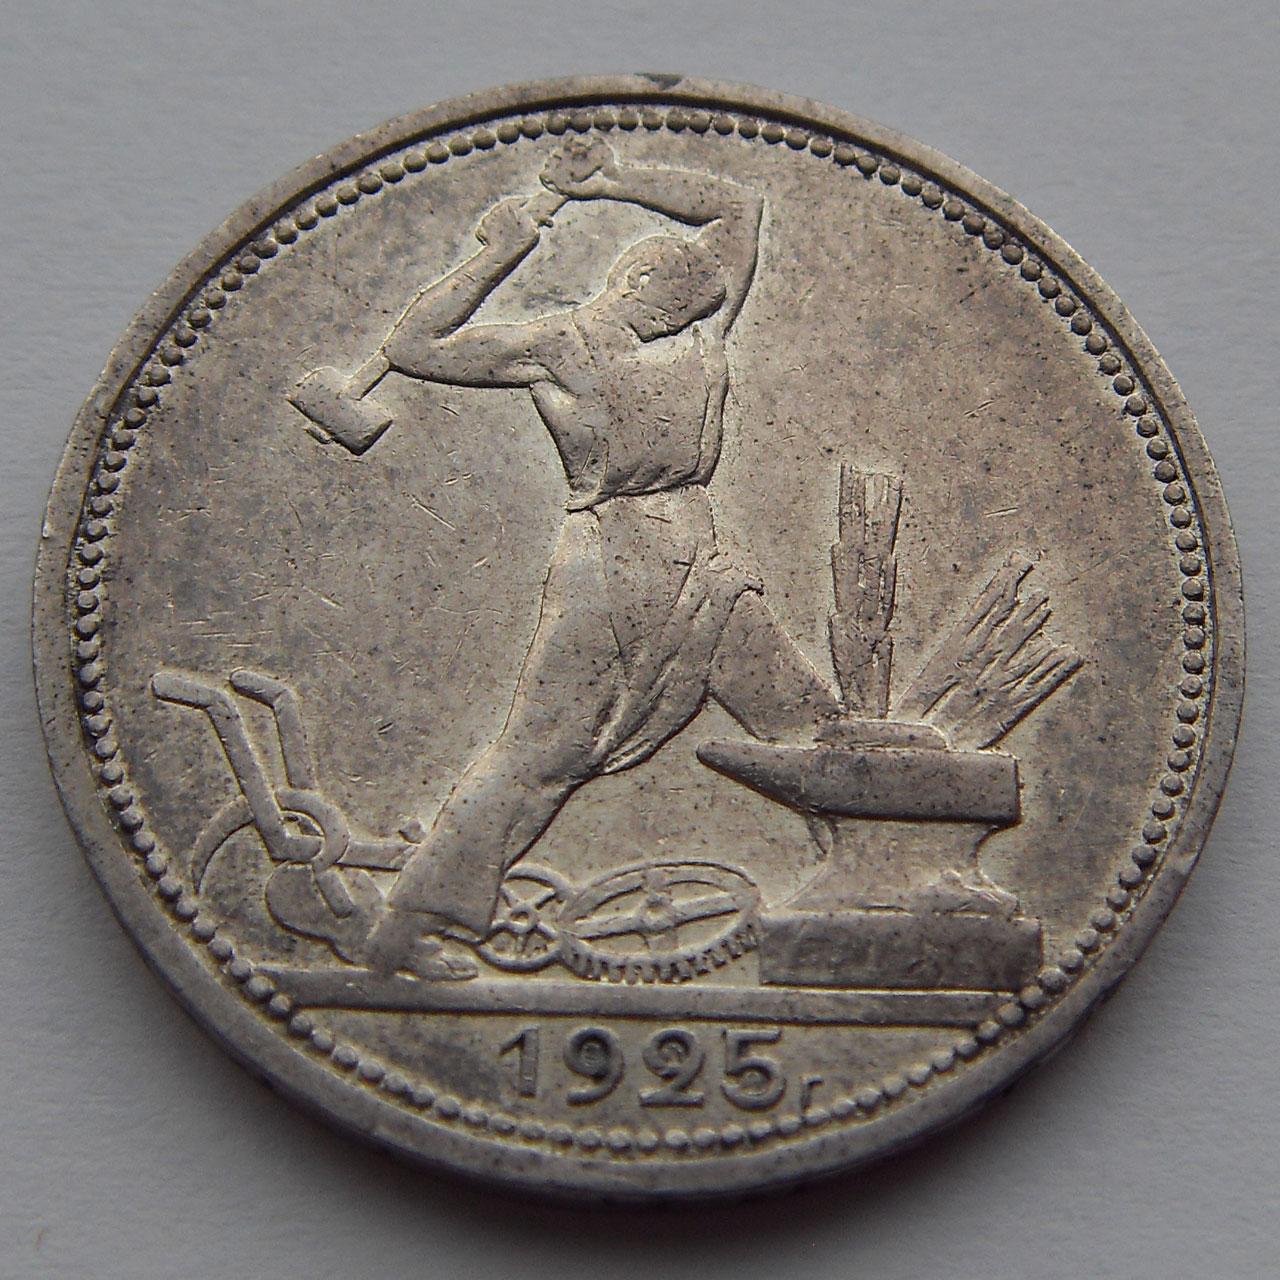 Монета 1925 года один полтинник цена монетник карманный